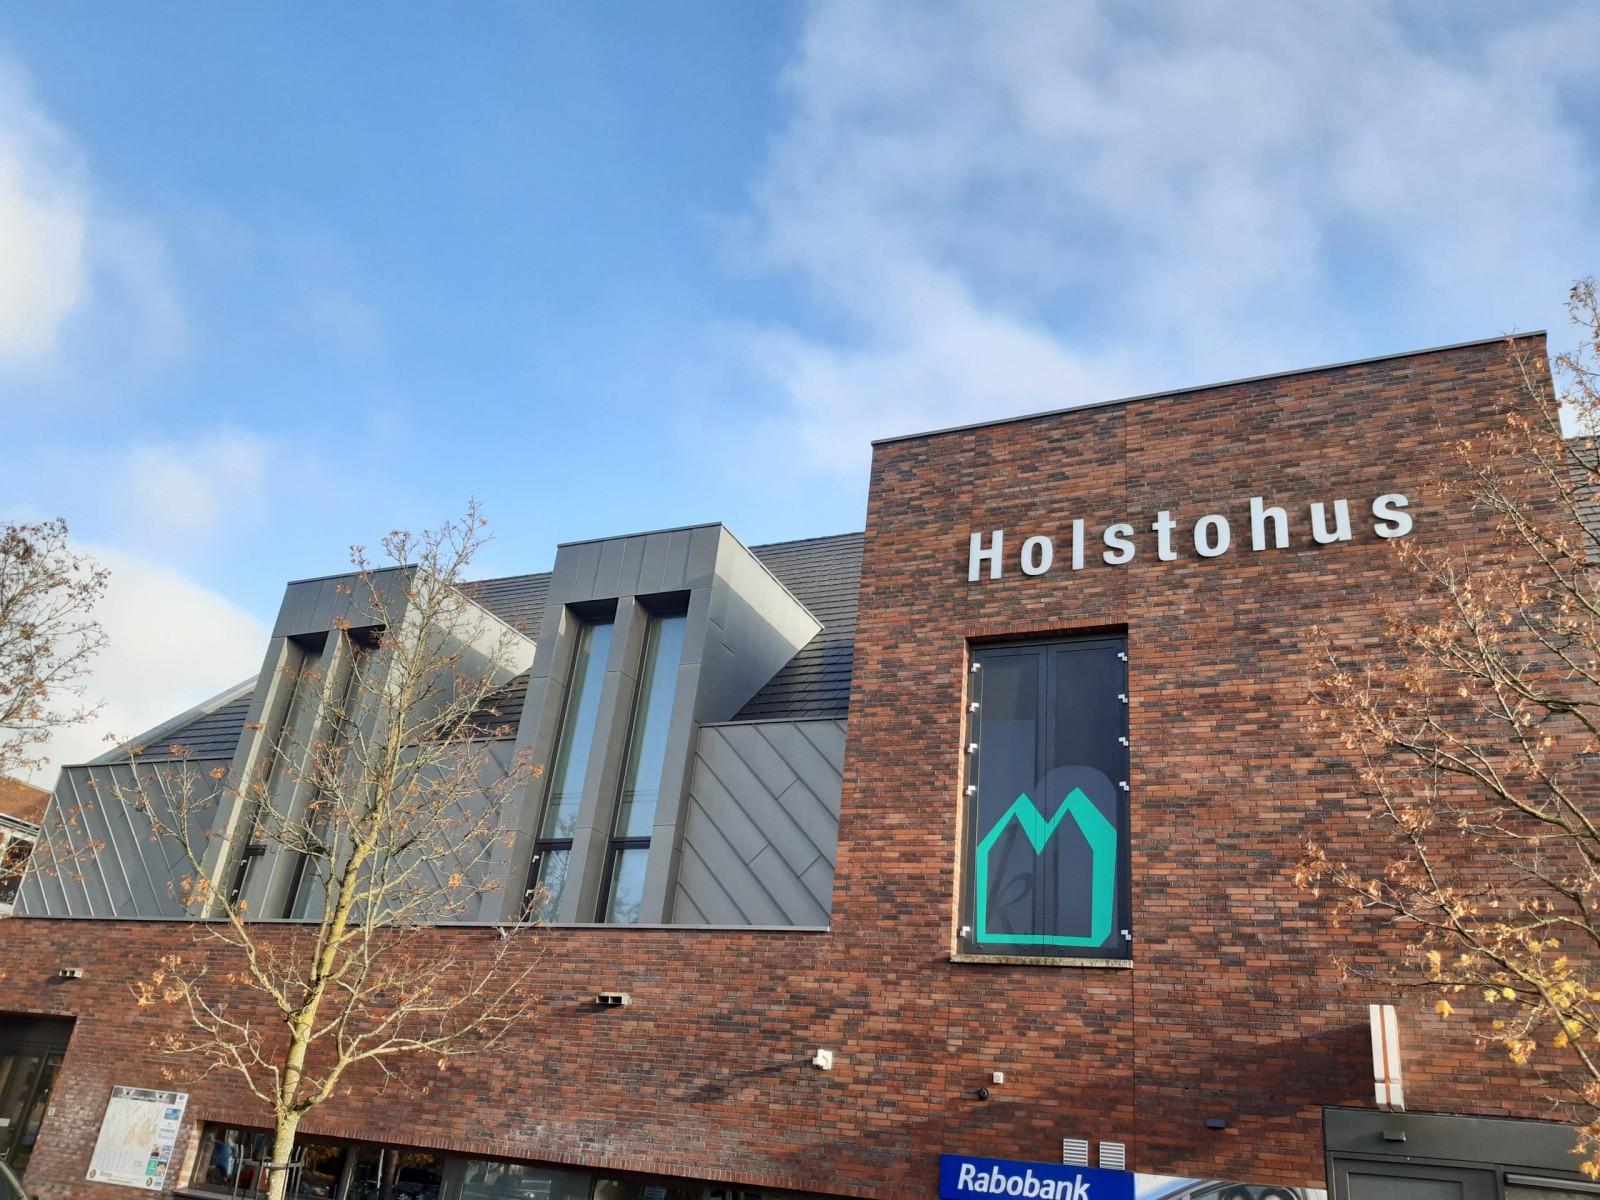 De grote zaal van het Holstohus is ideaal in coronatijd